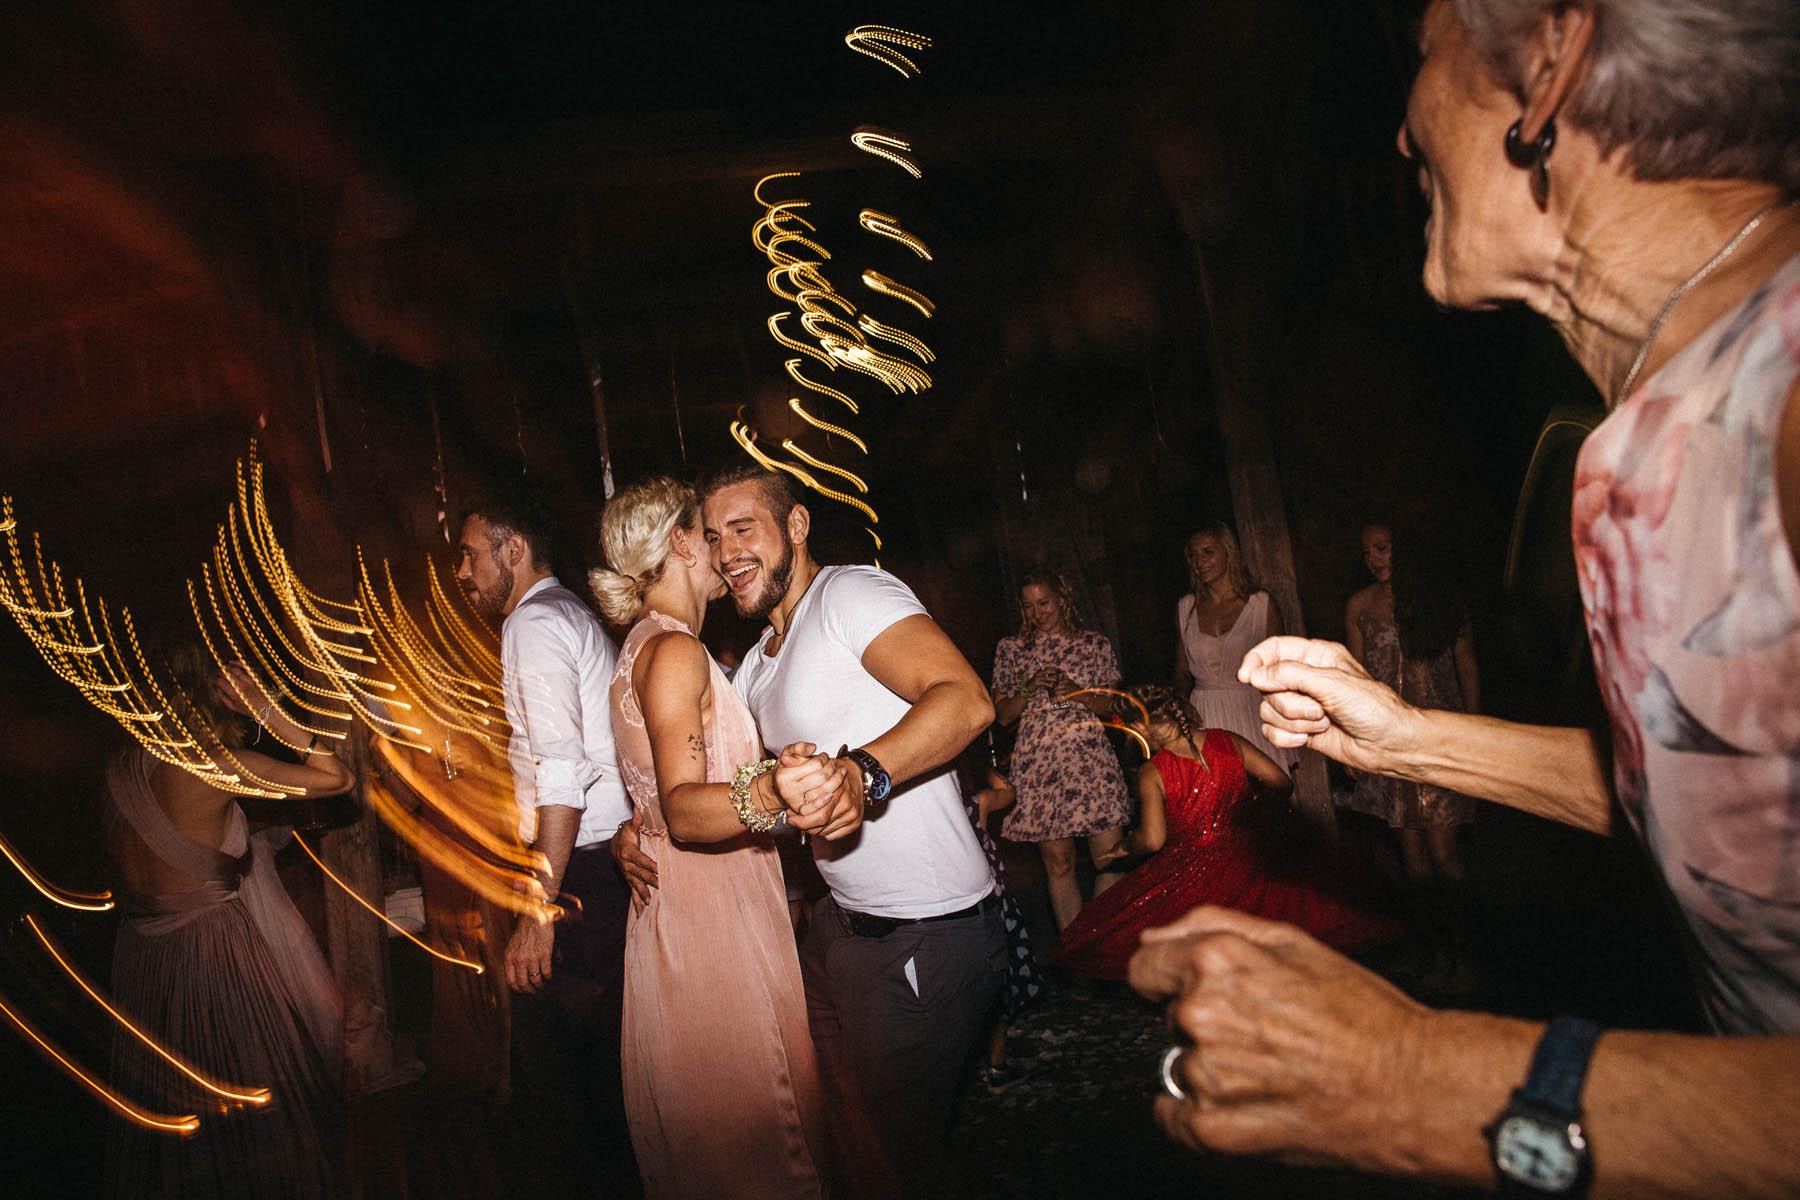 Party time in der Scheune des Wasserschloss Kleinbardorf in Unterfranken | Raissa + Simon Fotografie